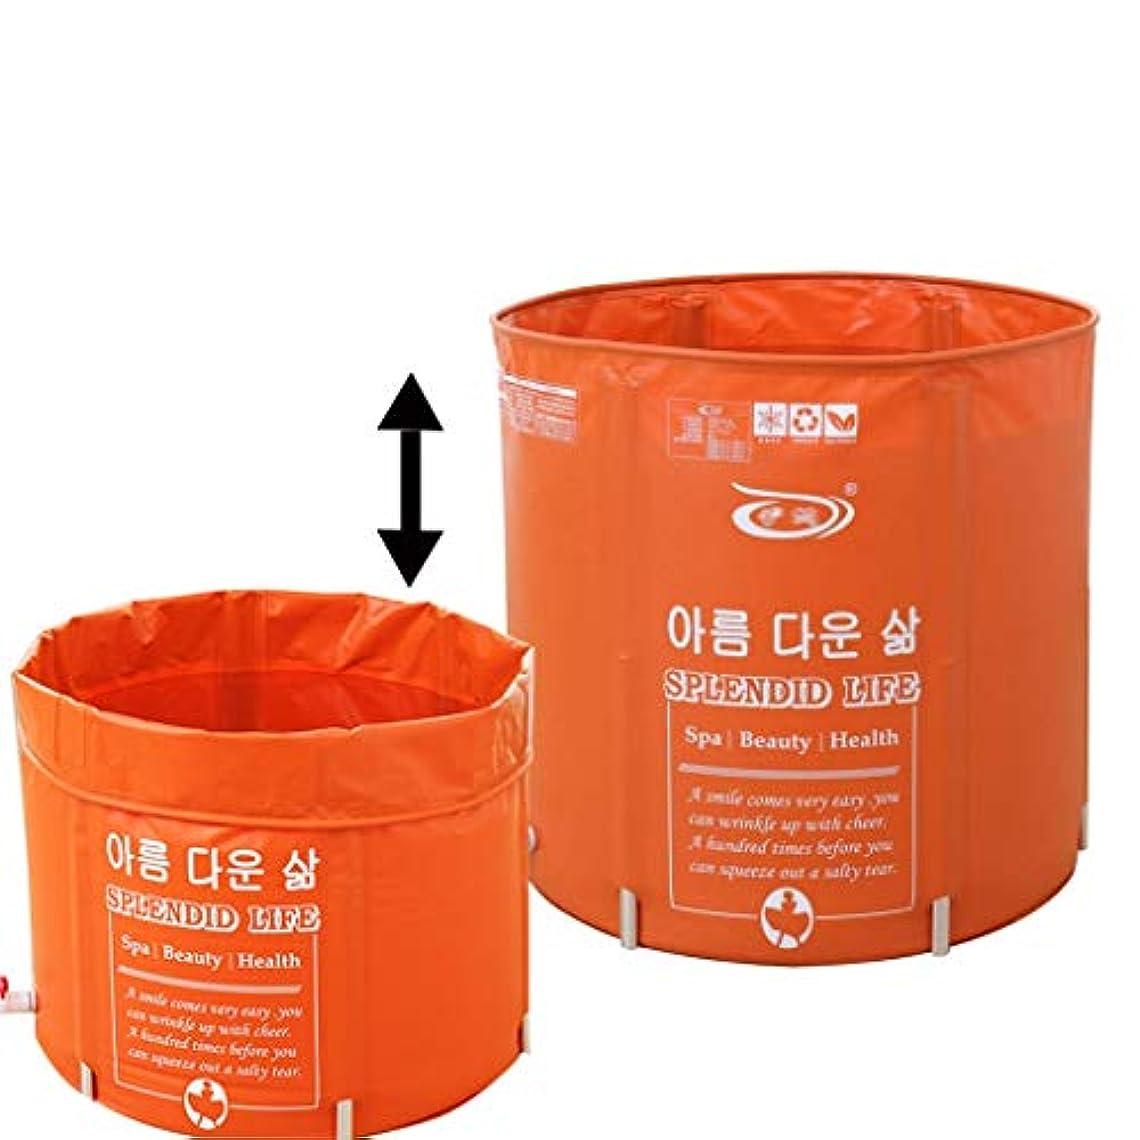 蒸気パステル壊滅的な鋼鉄フレームが付いている携帯用折る浴槽、シャワーの日本の浸るPSAの浴槽、適用範囲が広いプラスチック大人の浴槽の調節可能な高さ - 大人、年配者、子供、オレンジ